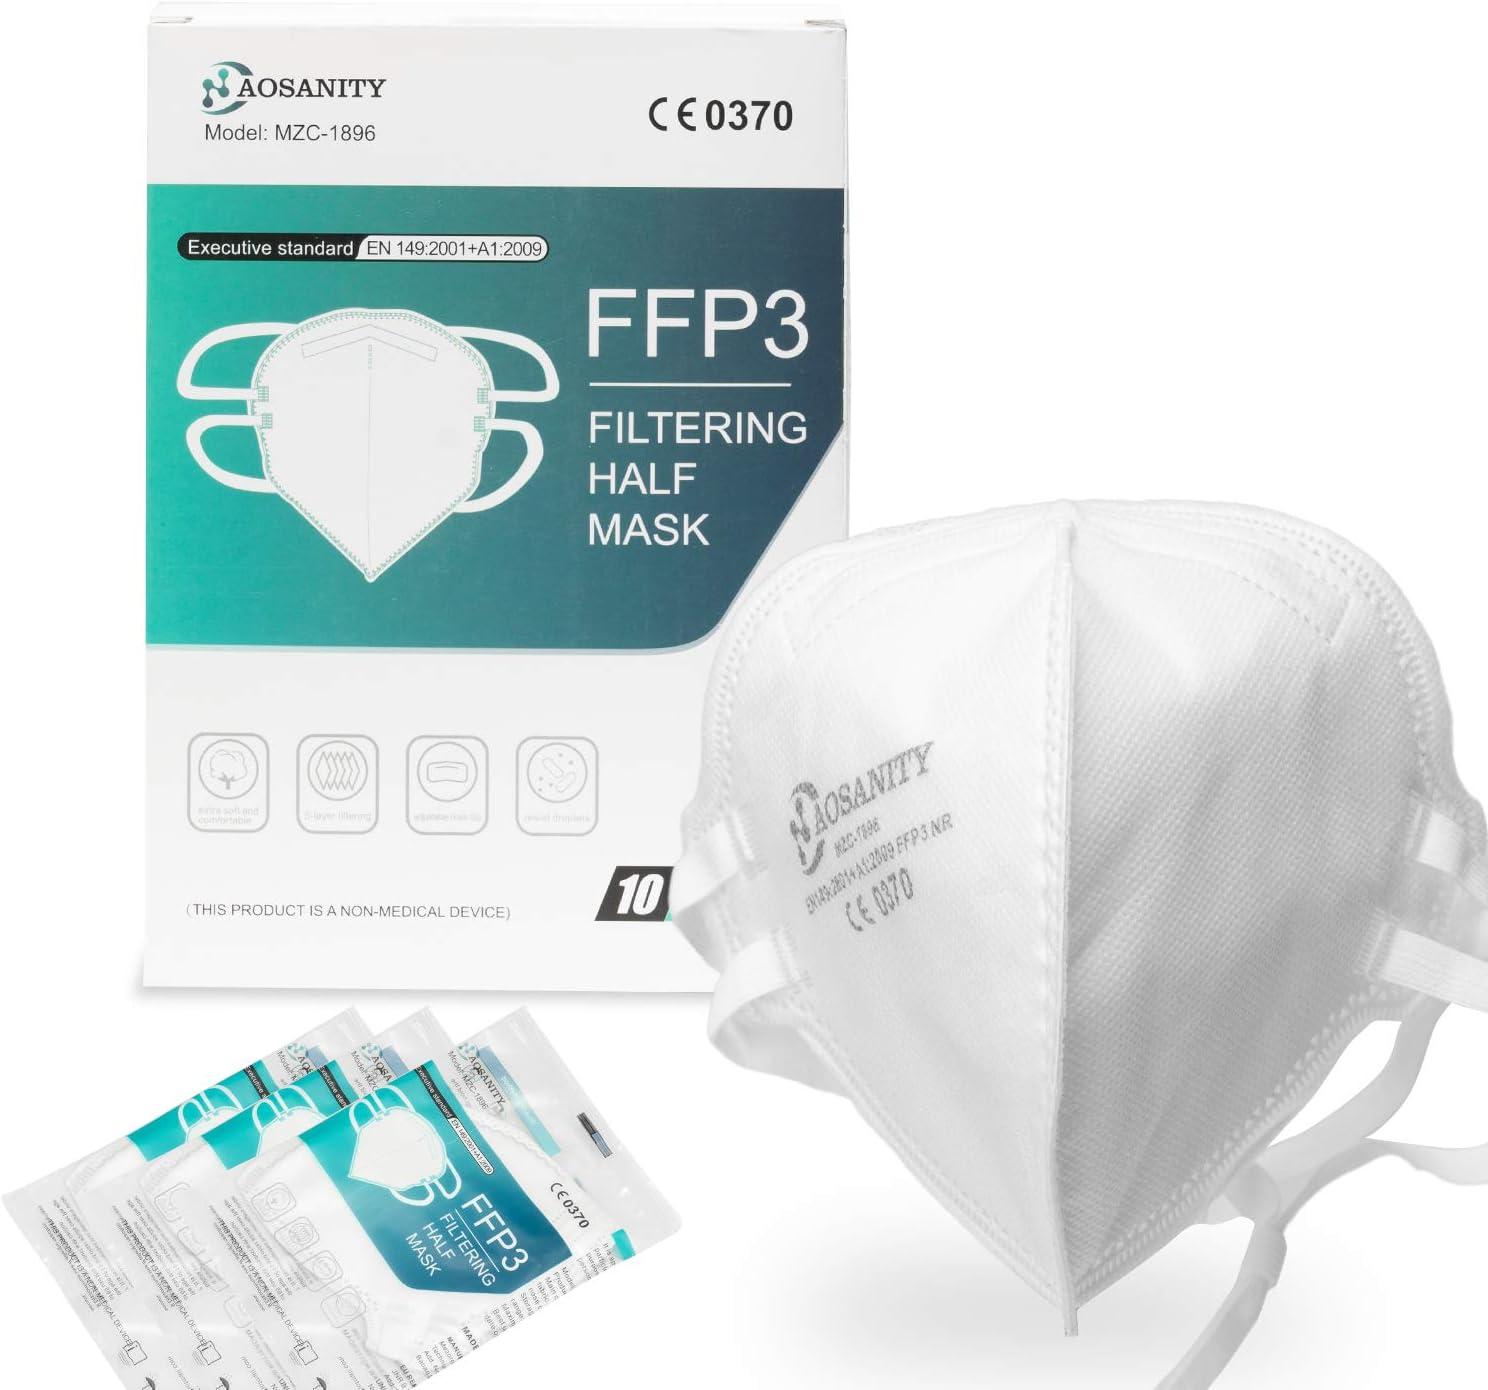 FFP3 mascarilla de protección de la Salud mascarilla Protectora, mascarilla de protección respiratoria de 5 Capas, mascarilla para Adultos protección Facial Boca-Nariz con Tela 10 Piezas A01